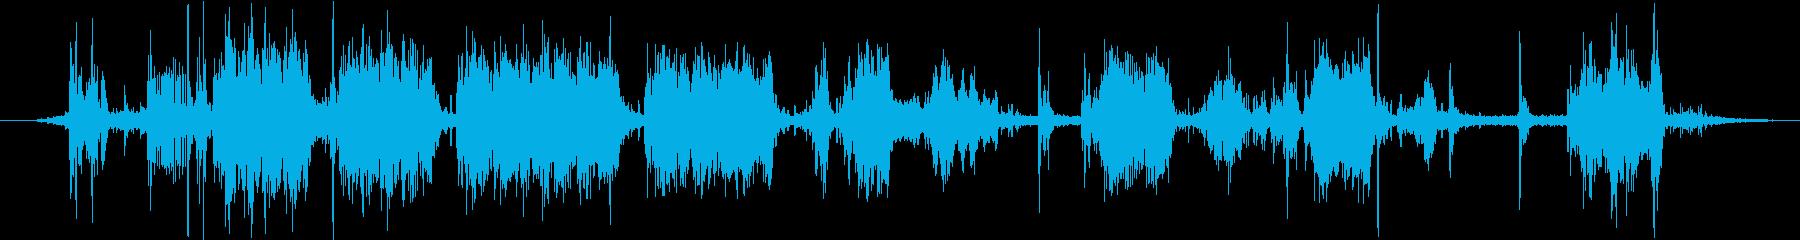 特撮 コンピューターサウンド22の再生済みの波形